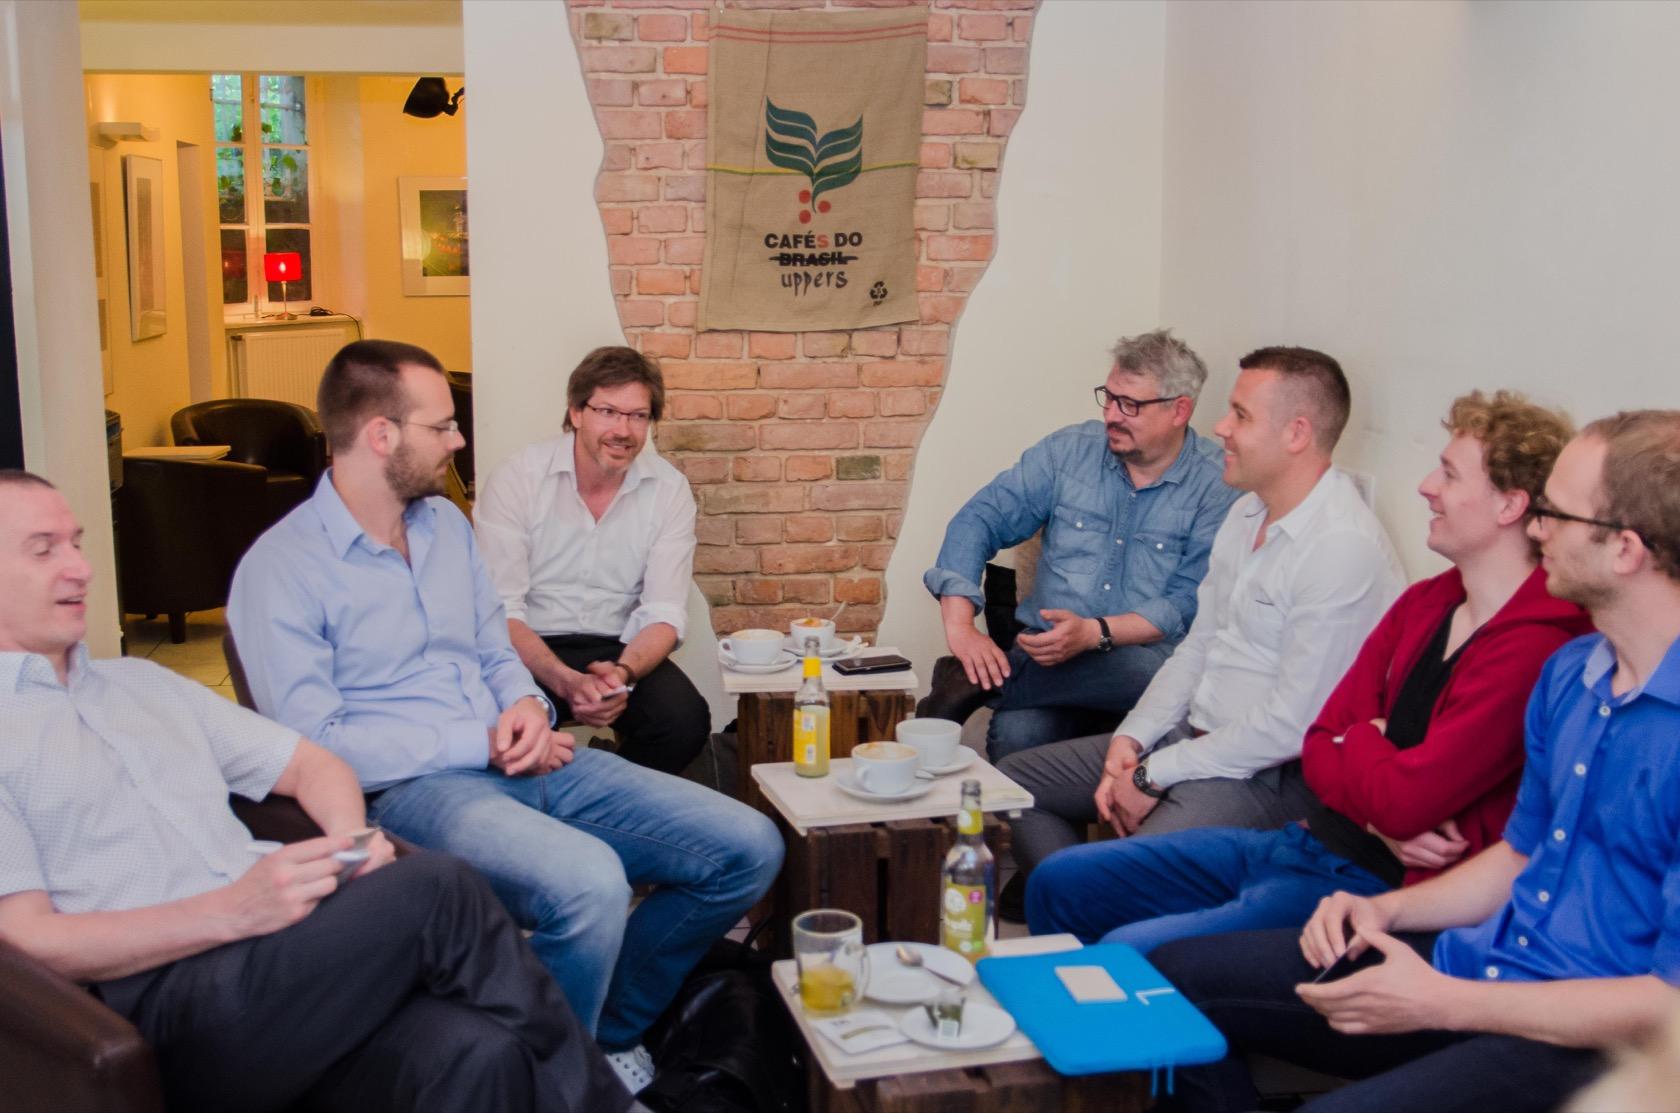 Es war eine gemütliche Runde in Kreuzberg, bei der aber auch das Netzwerken nicht zu kurz kam.